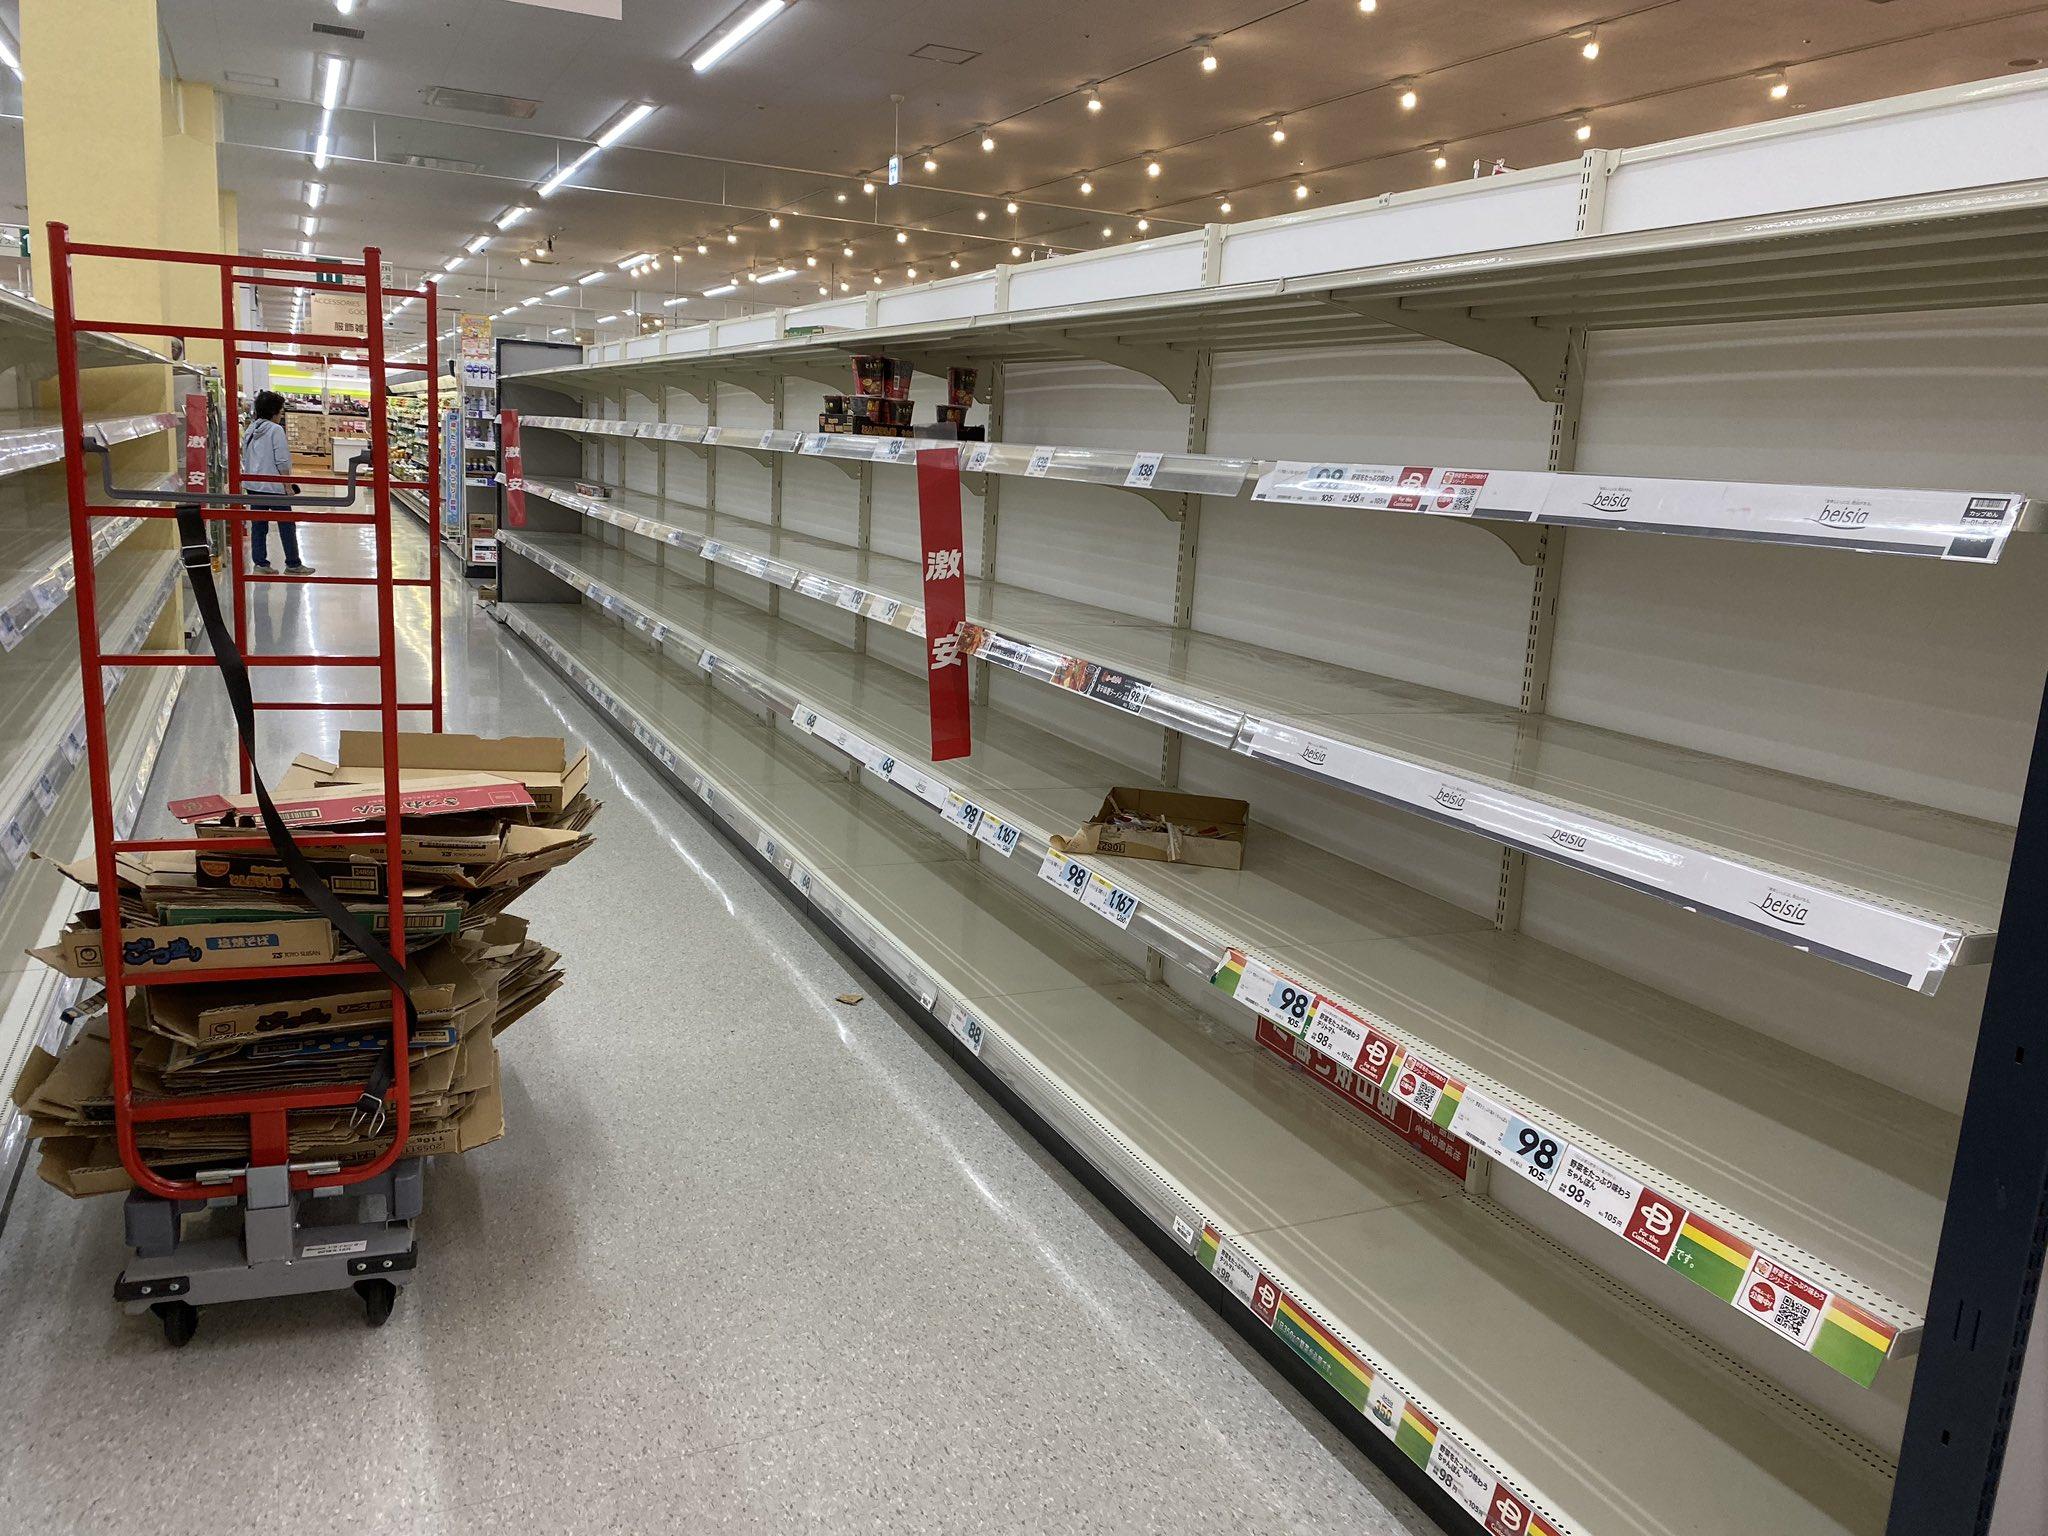 画像,千葉のスーパーすごい。レトルト食品、缶詰め、パスタ、カップ麺棚が空っぽ。何故かパンとバナナも一個もない駐車場内で事故してるくらいみんな慌てて大変だー。 http…